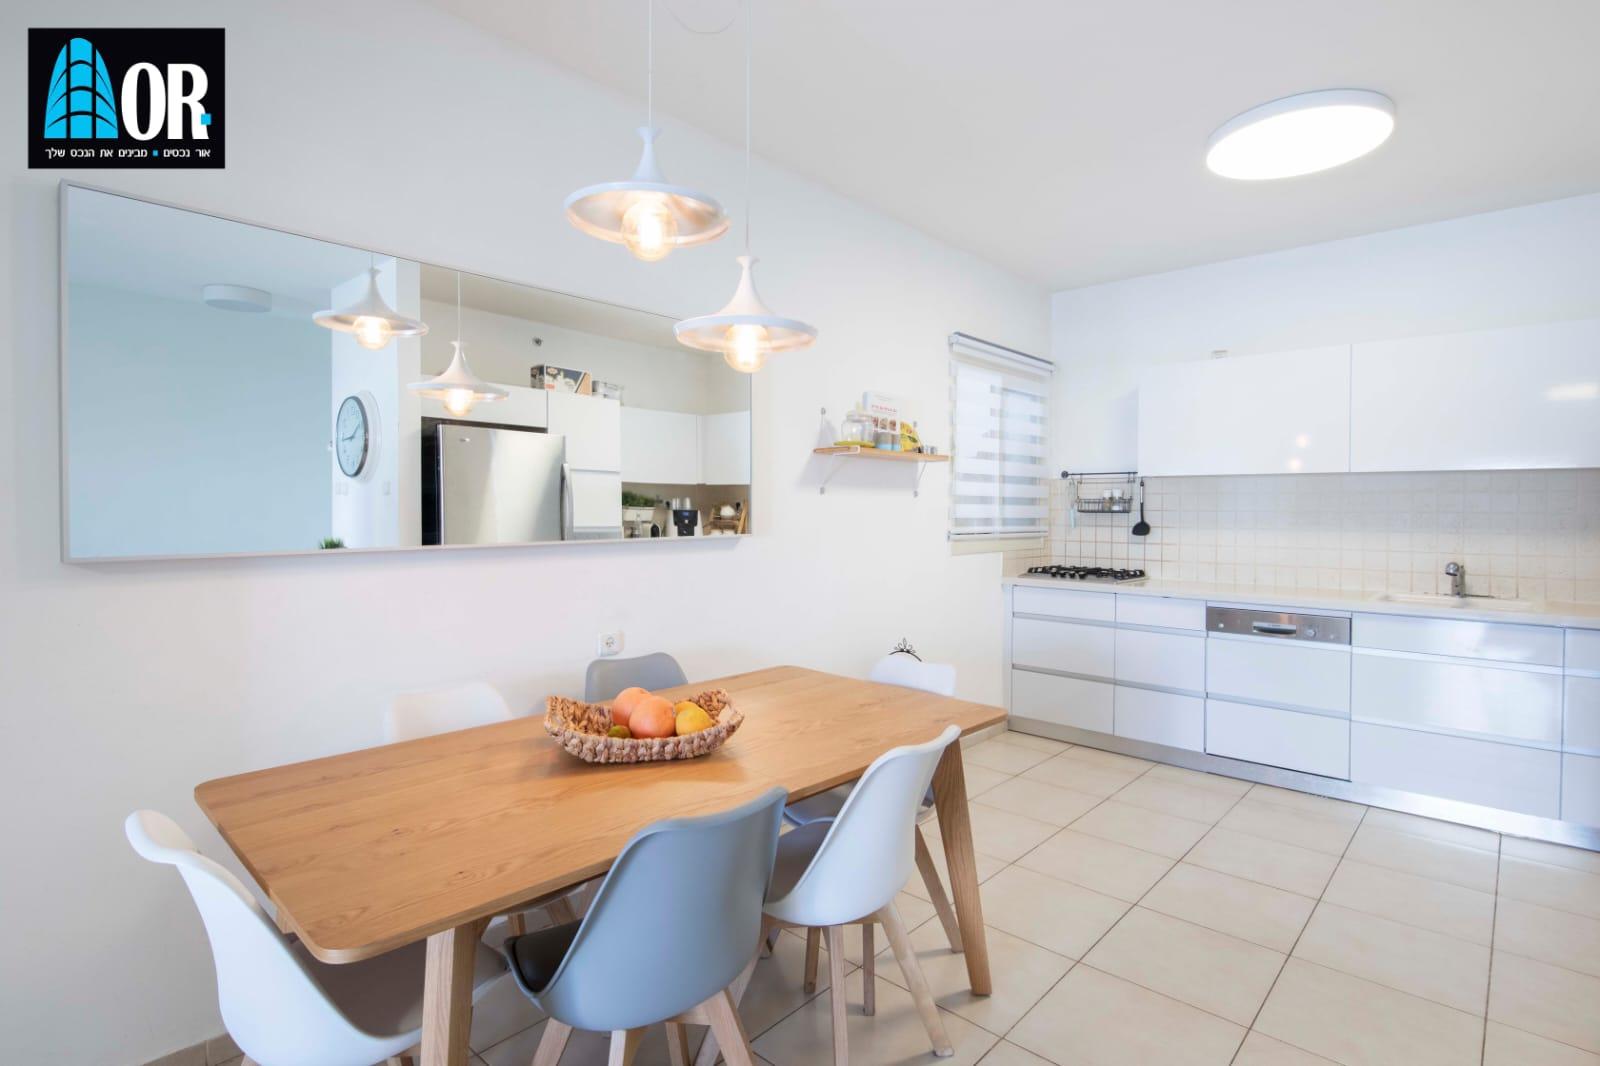 פינת אוכל + מטבח דירה 4 חדרים שכונה פארק המושבה